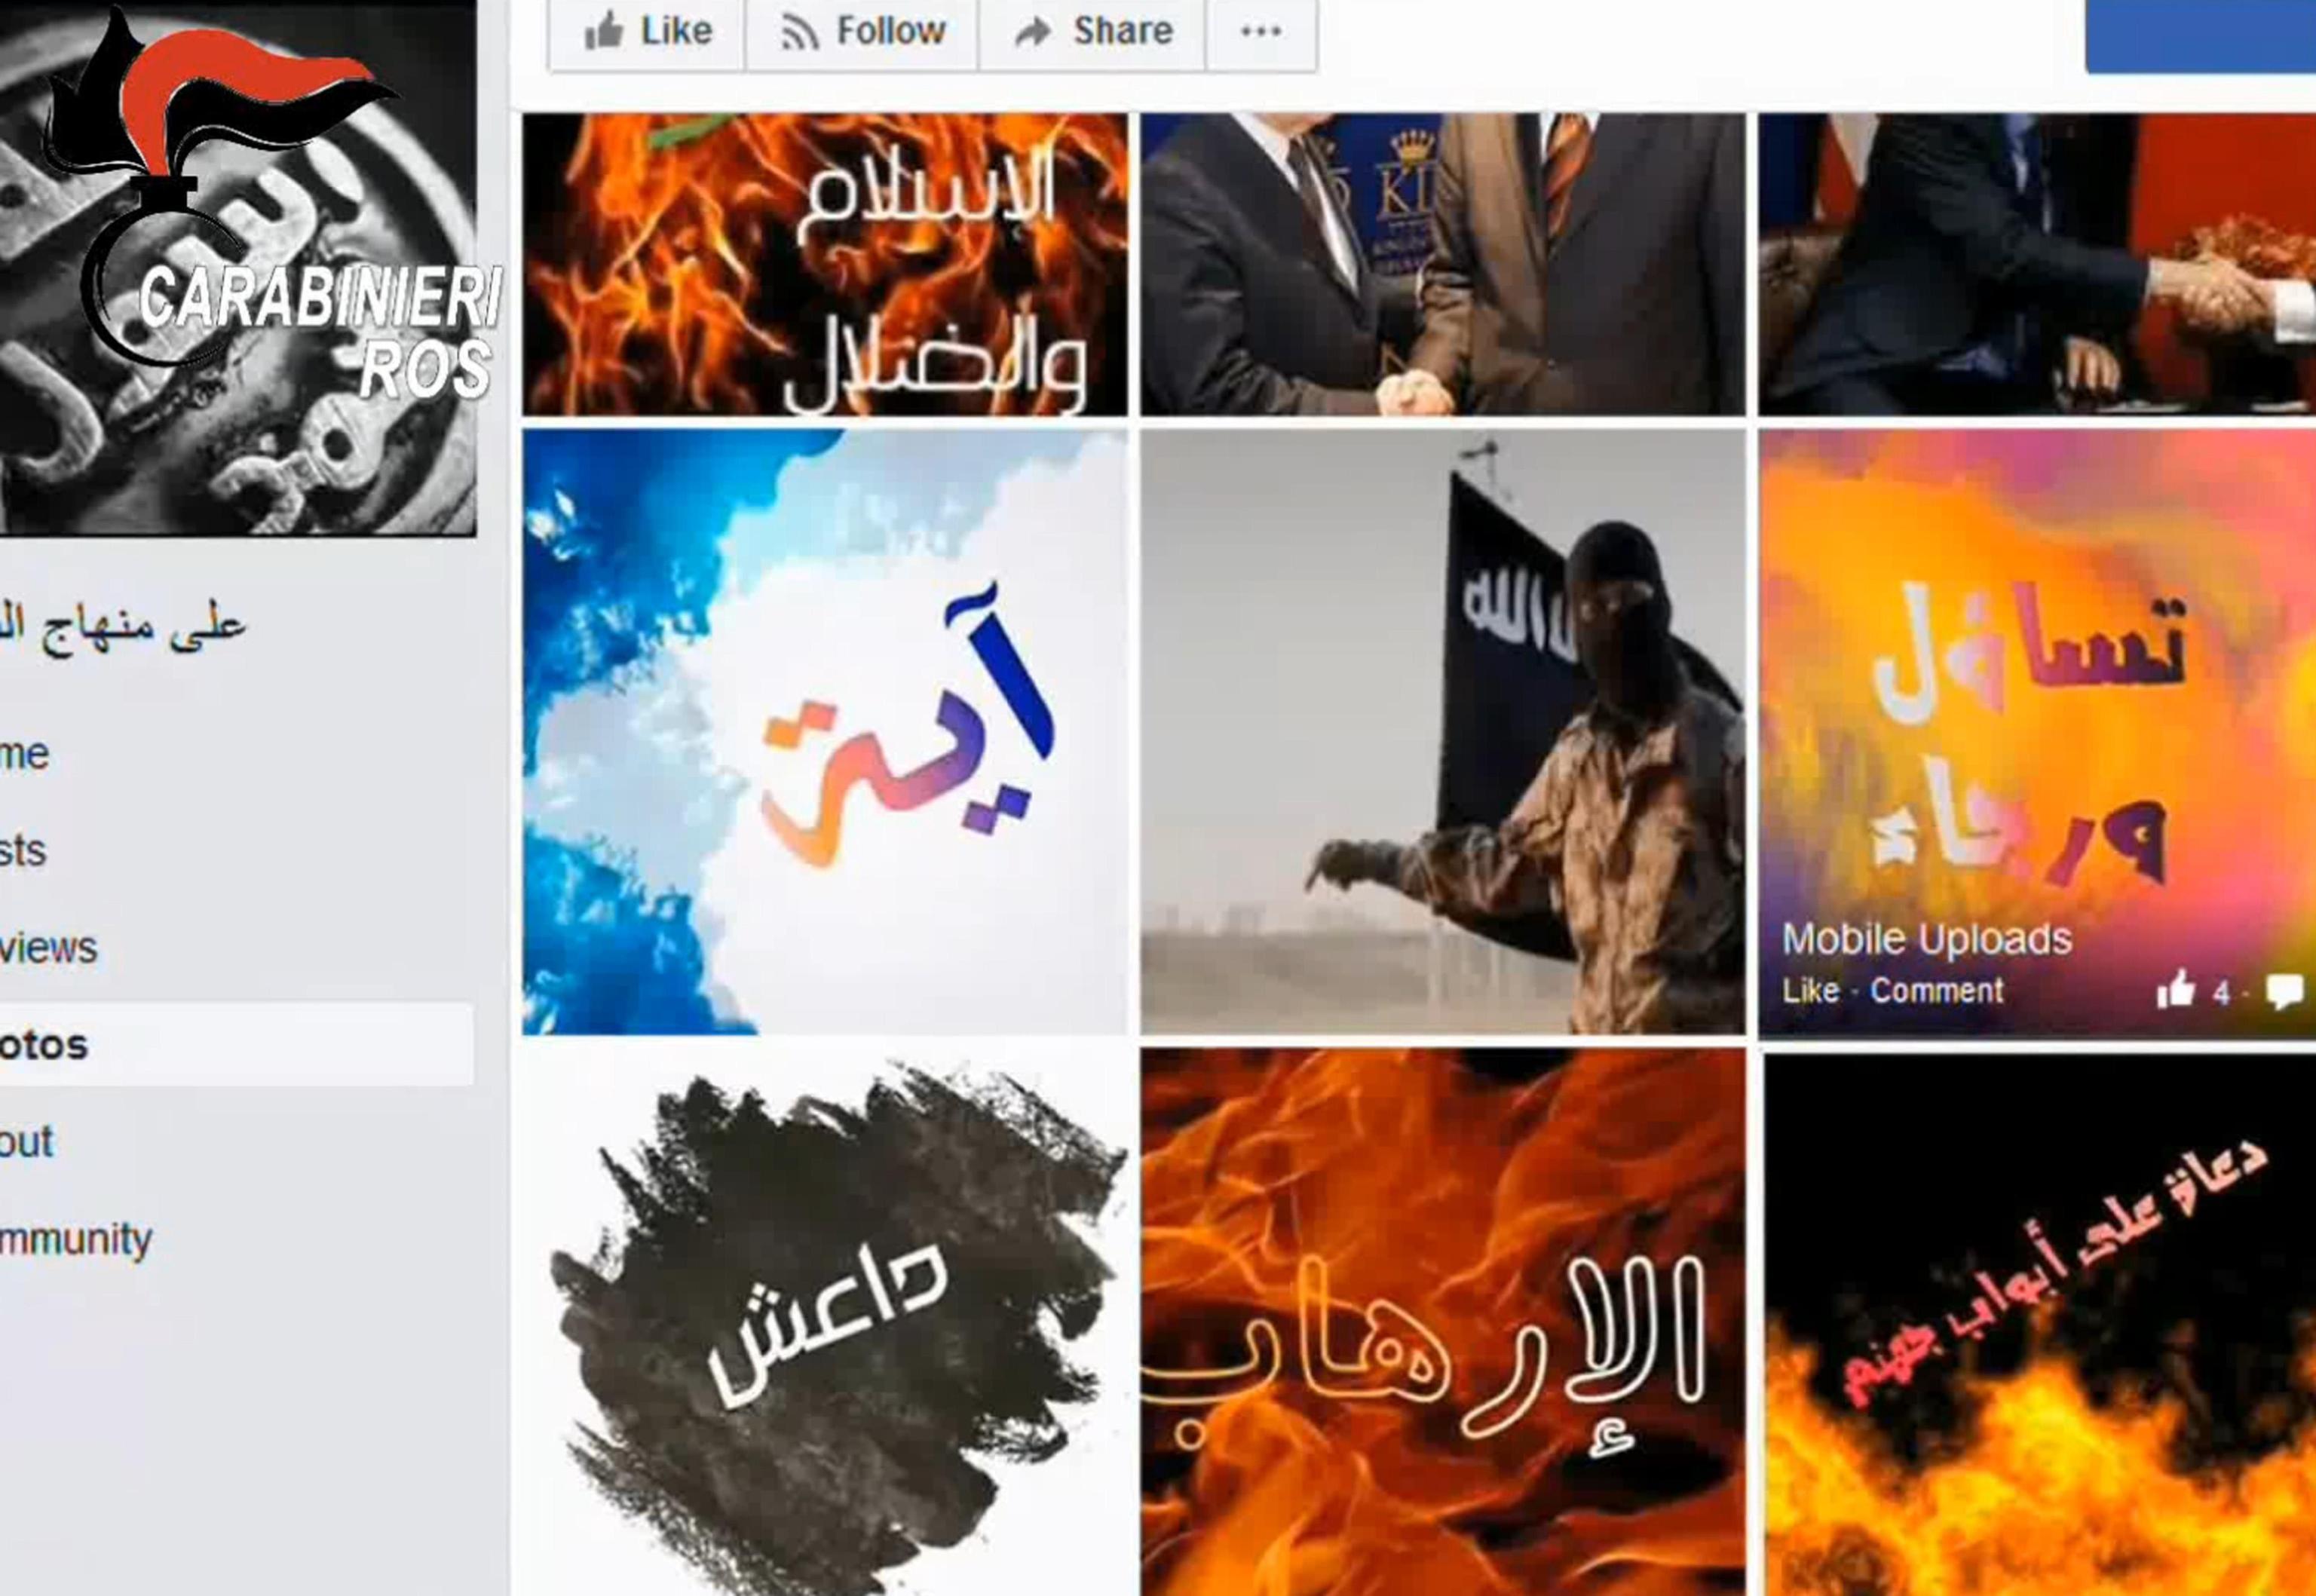 Terrorismo, arrestato jihadista marocchino a Cuneo: inneggiava al martirio